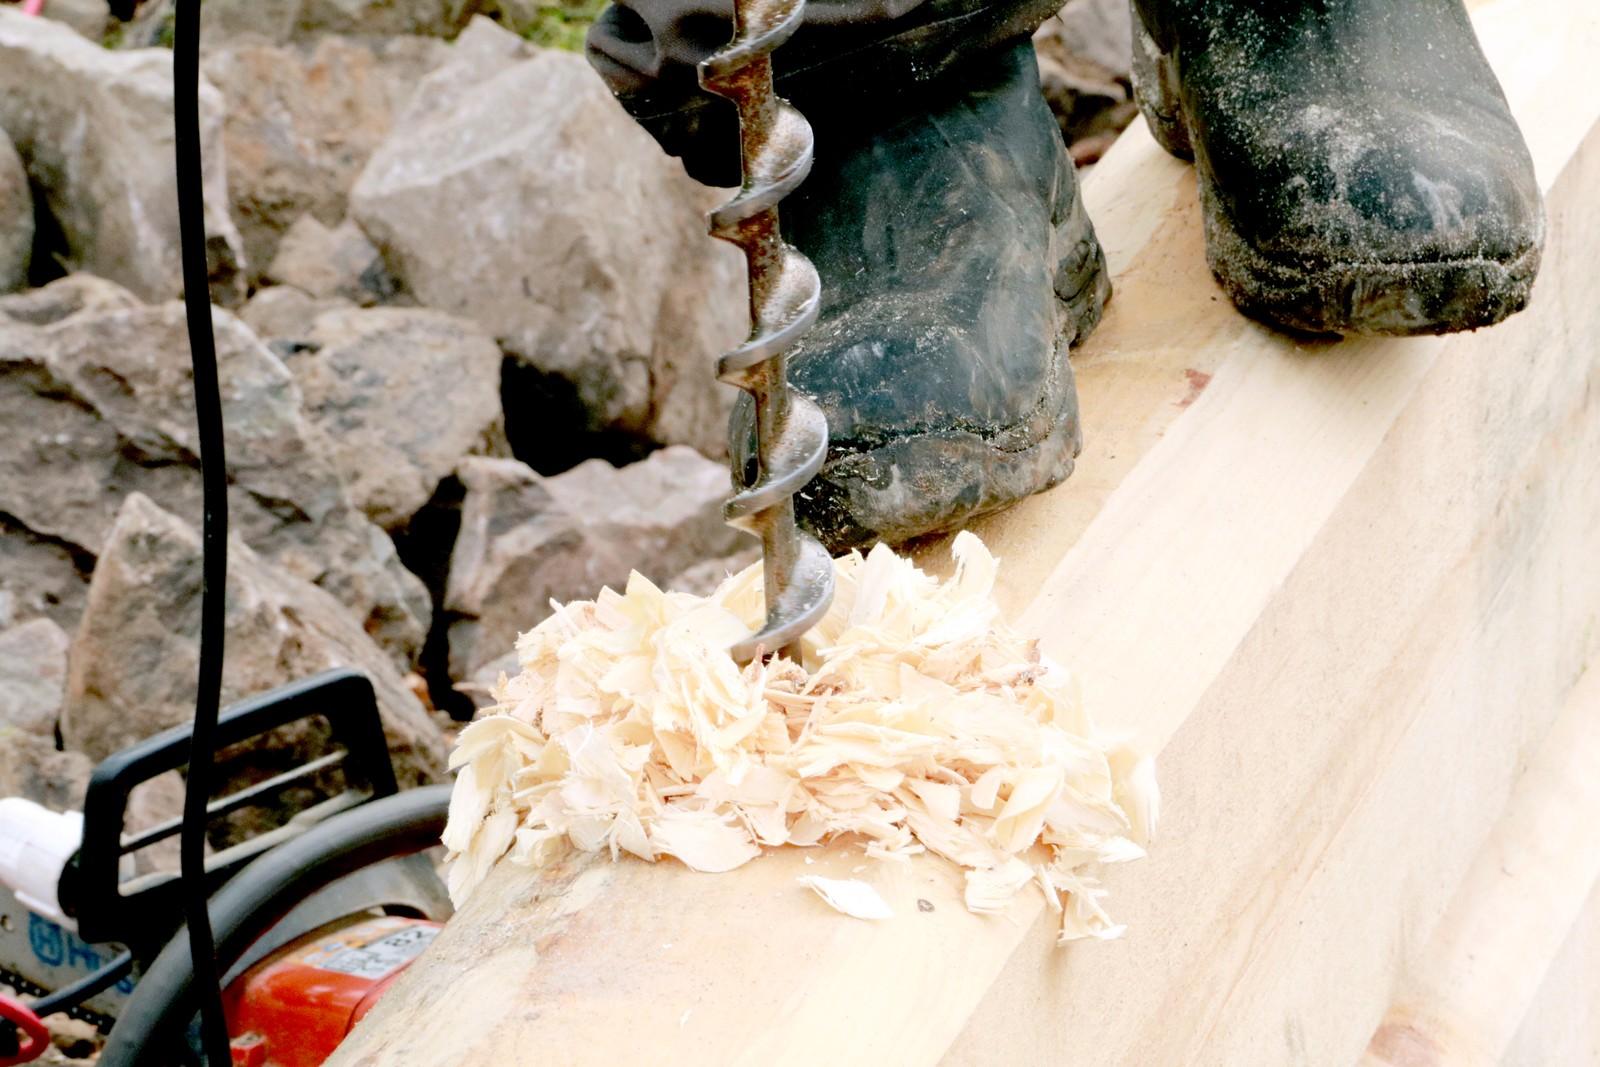 BORRER: Roar Gravermoen fra Fjell-Laft i Uvdal borrer hull i tømmerstokkene for å sette inn gjengestenger.